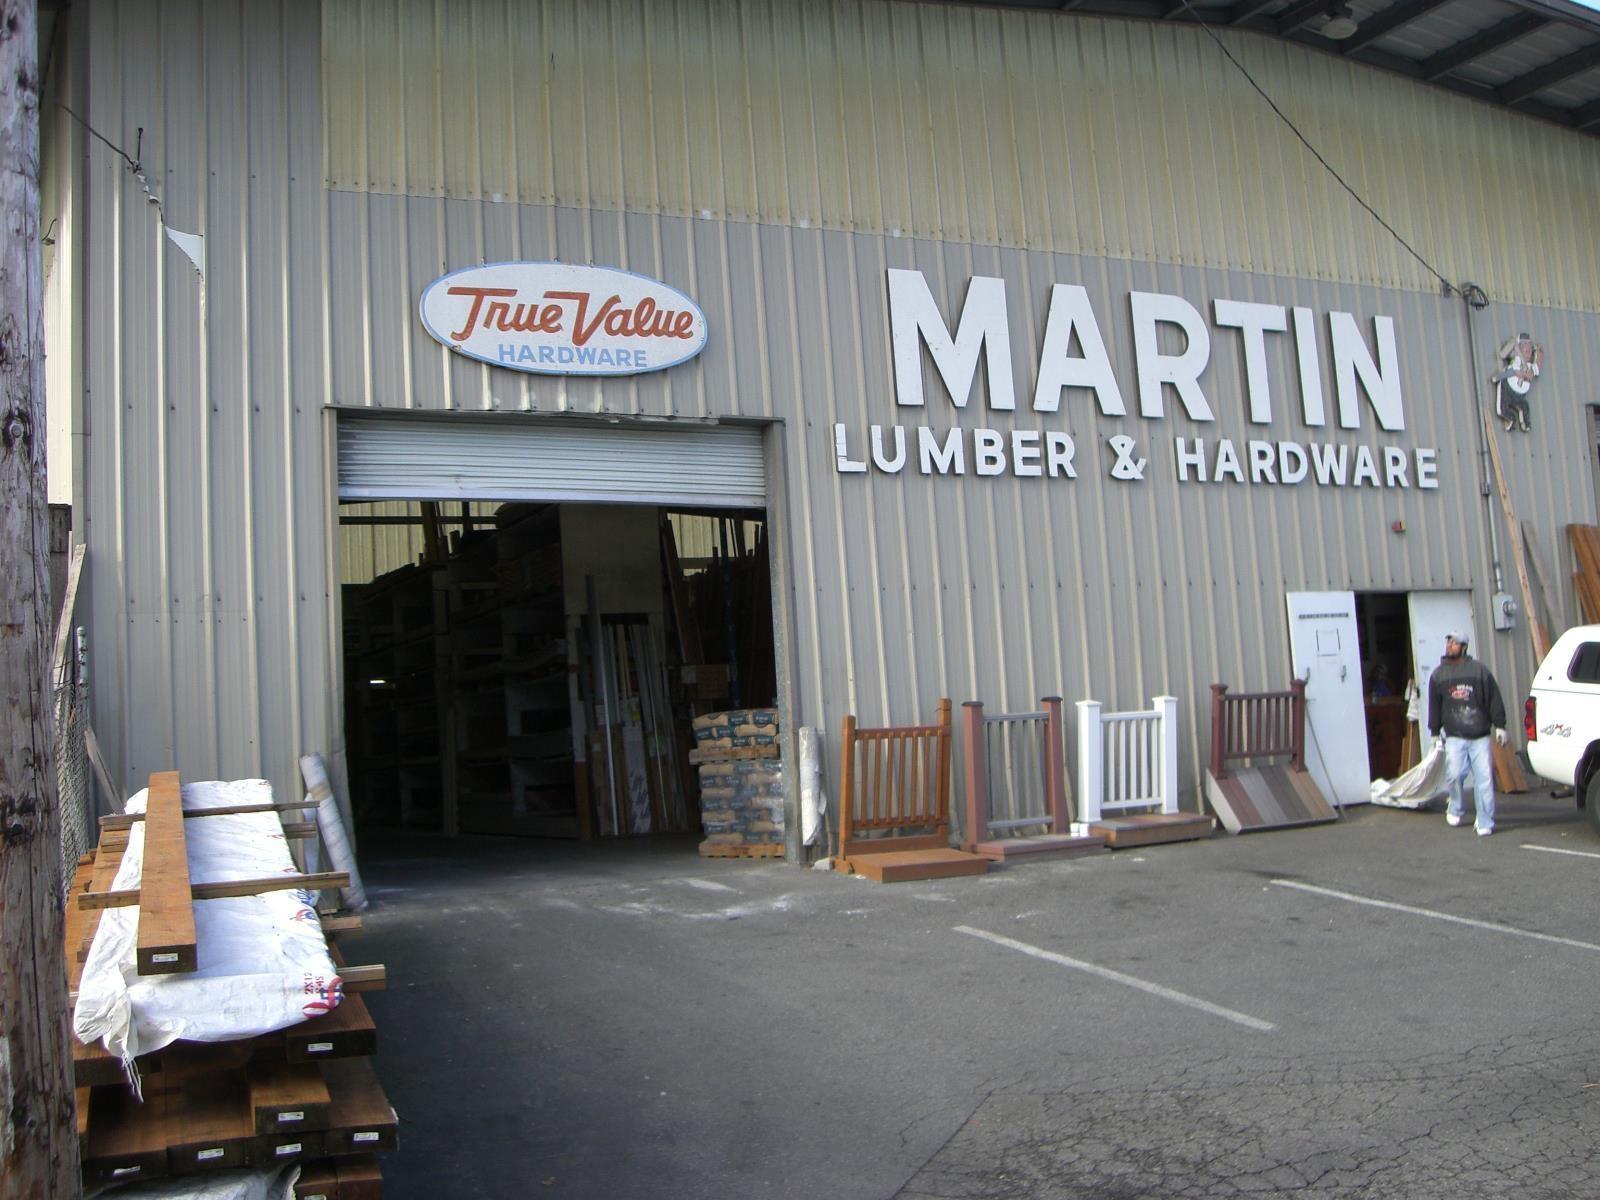 Martin Lumber & Hardware image 3